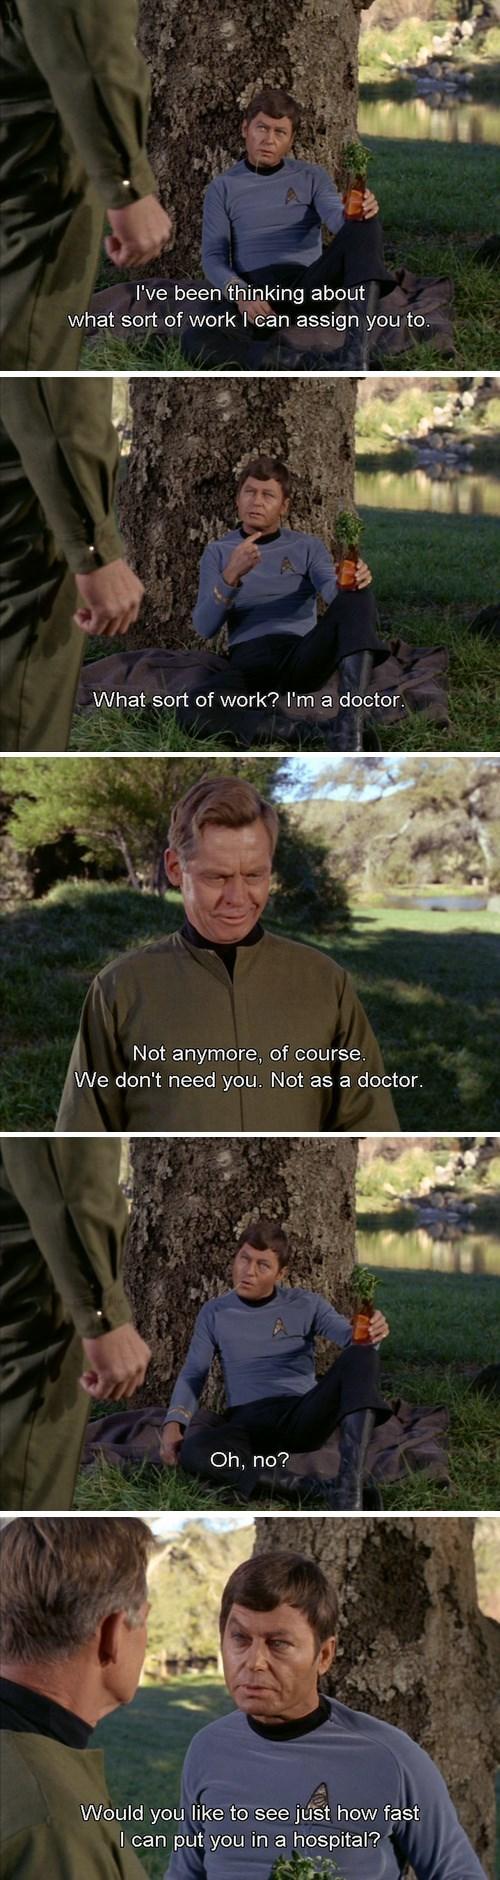 bones,TOS,leonard mccoy,doctor,Star Trek